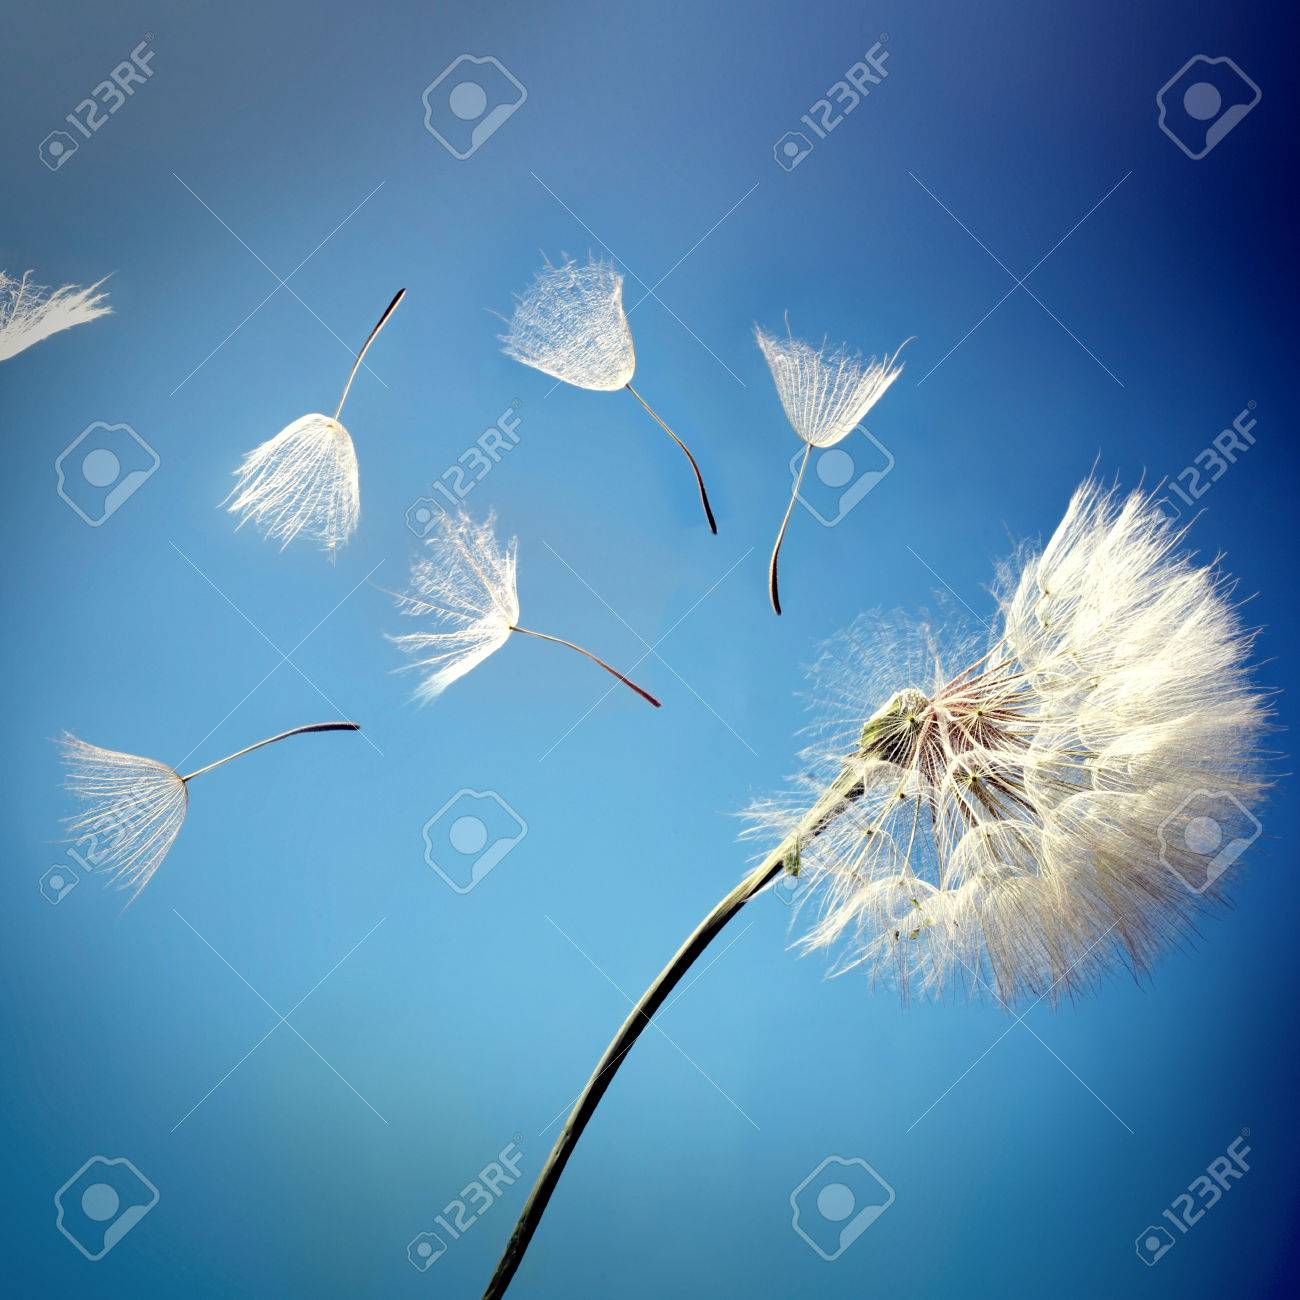 flying dandelion seeds on a blue background - 36986618